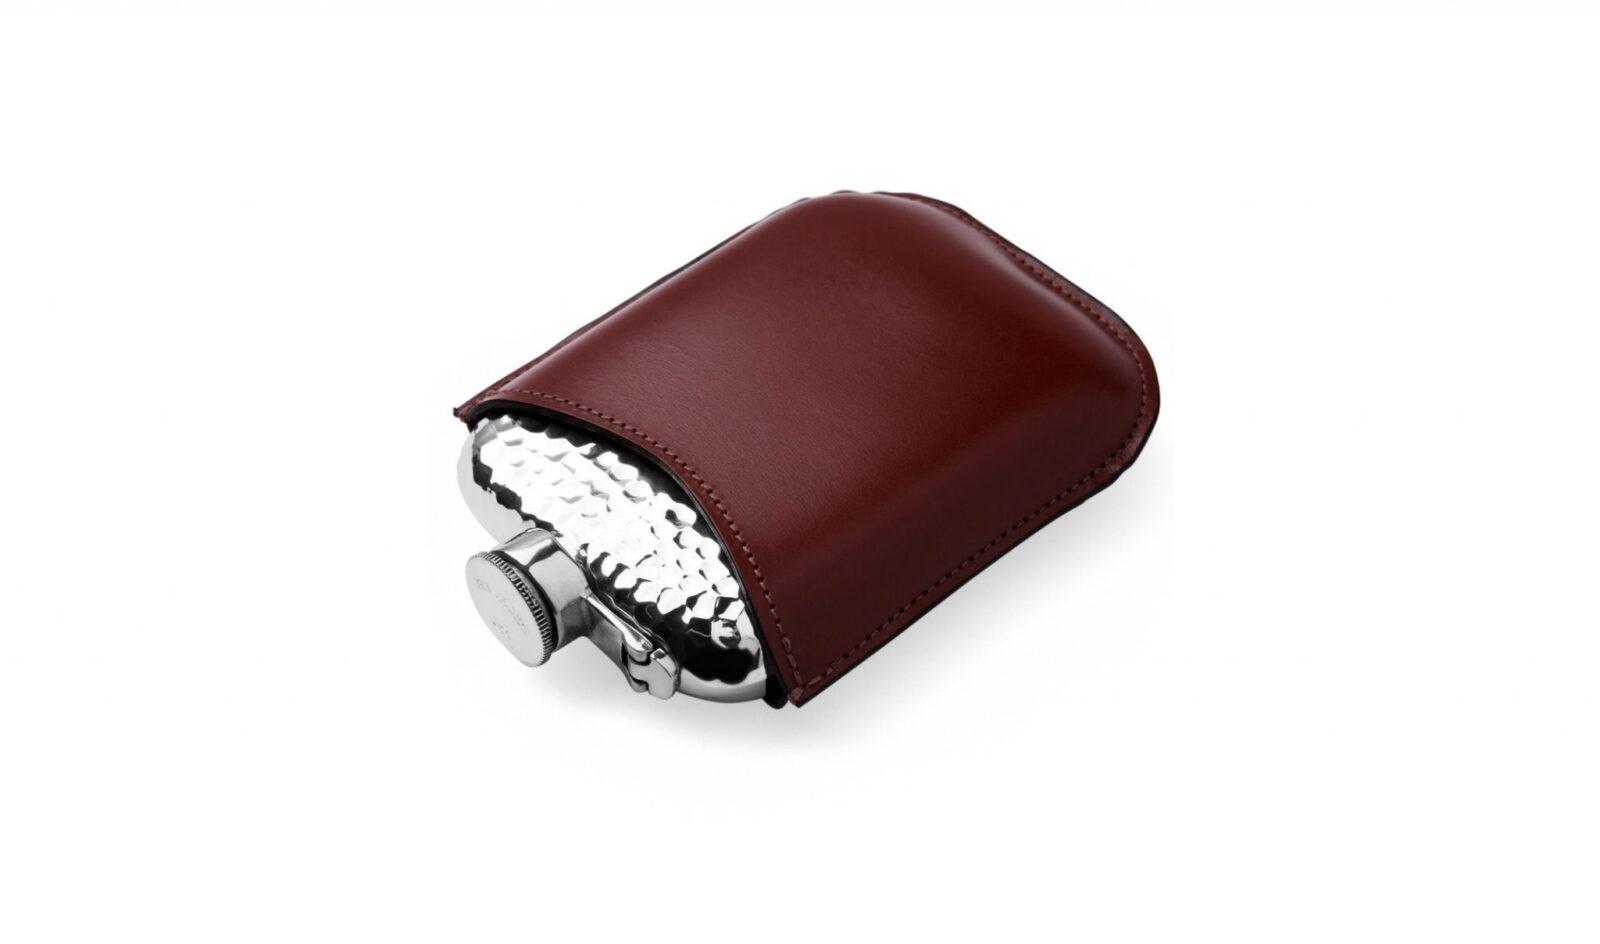 6oz Pewter Hammered Leather Encased Hip Flask 1600x944 - 6oz Pewter Hammered Hip Flask